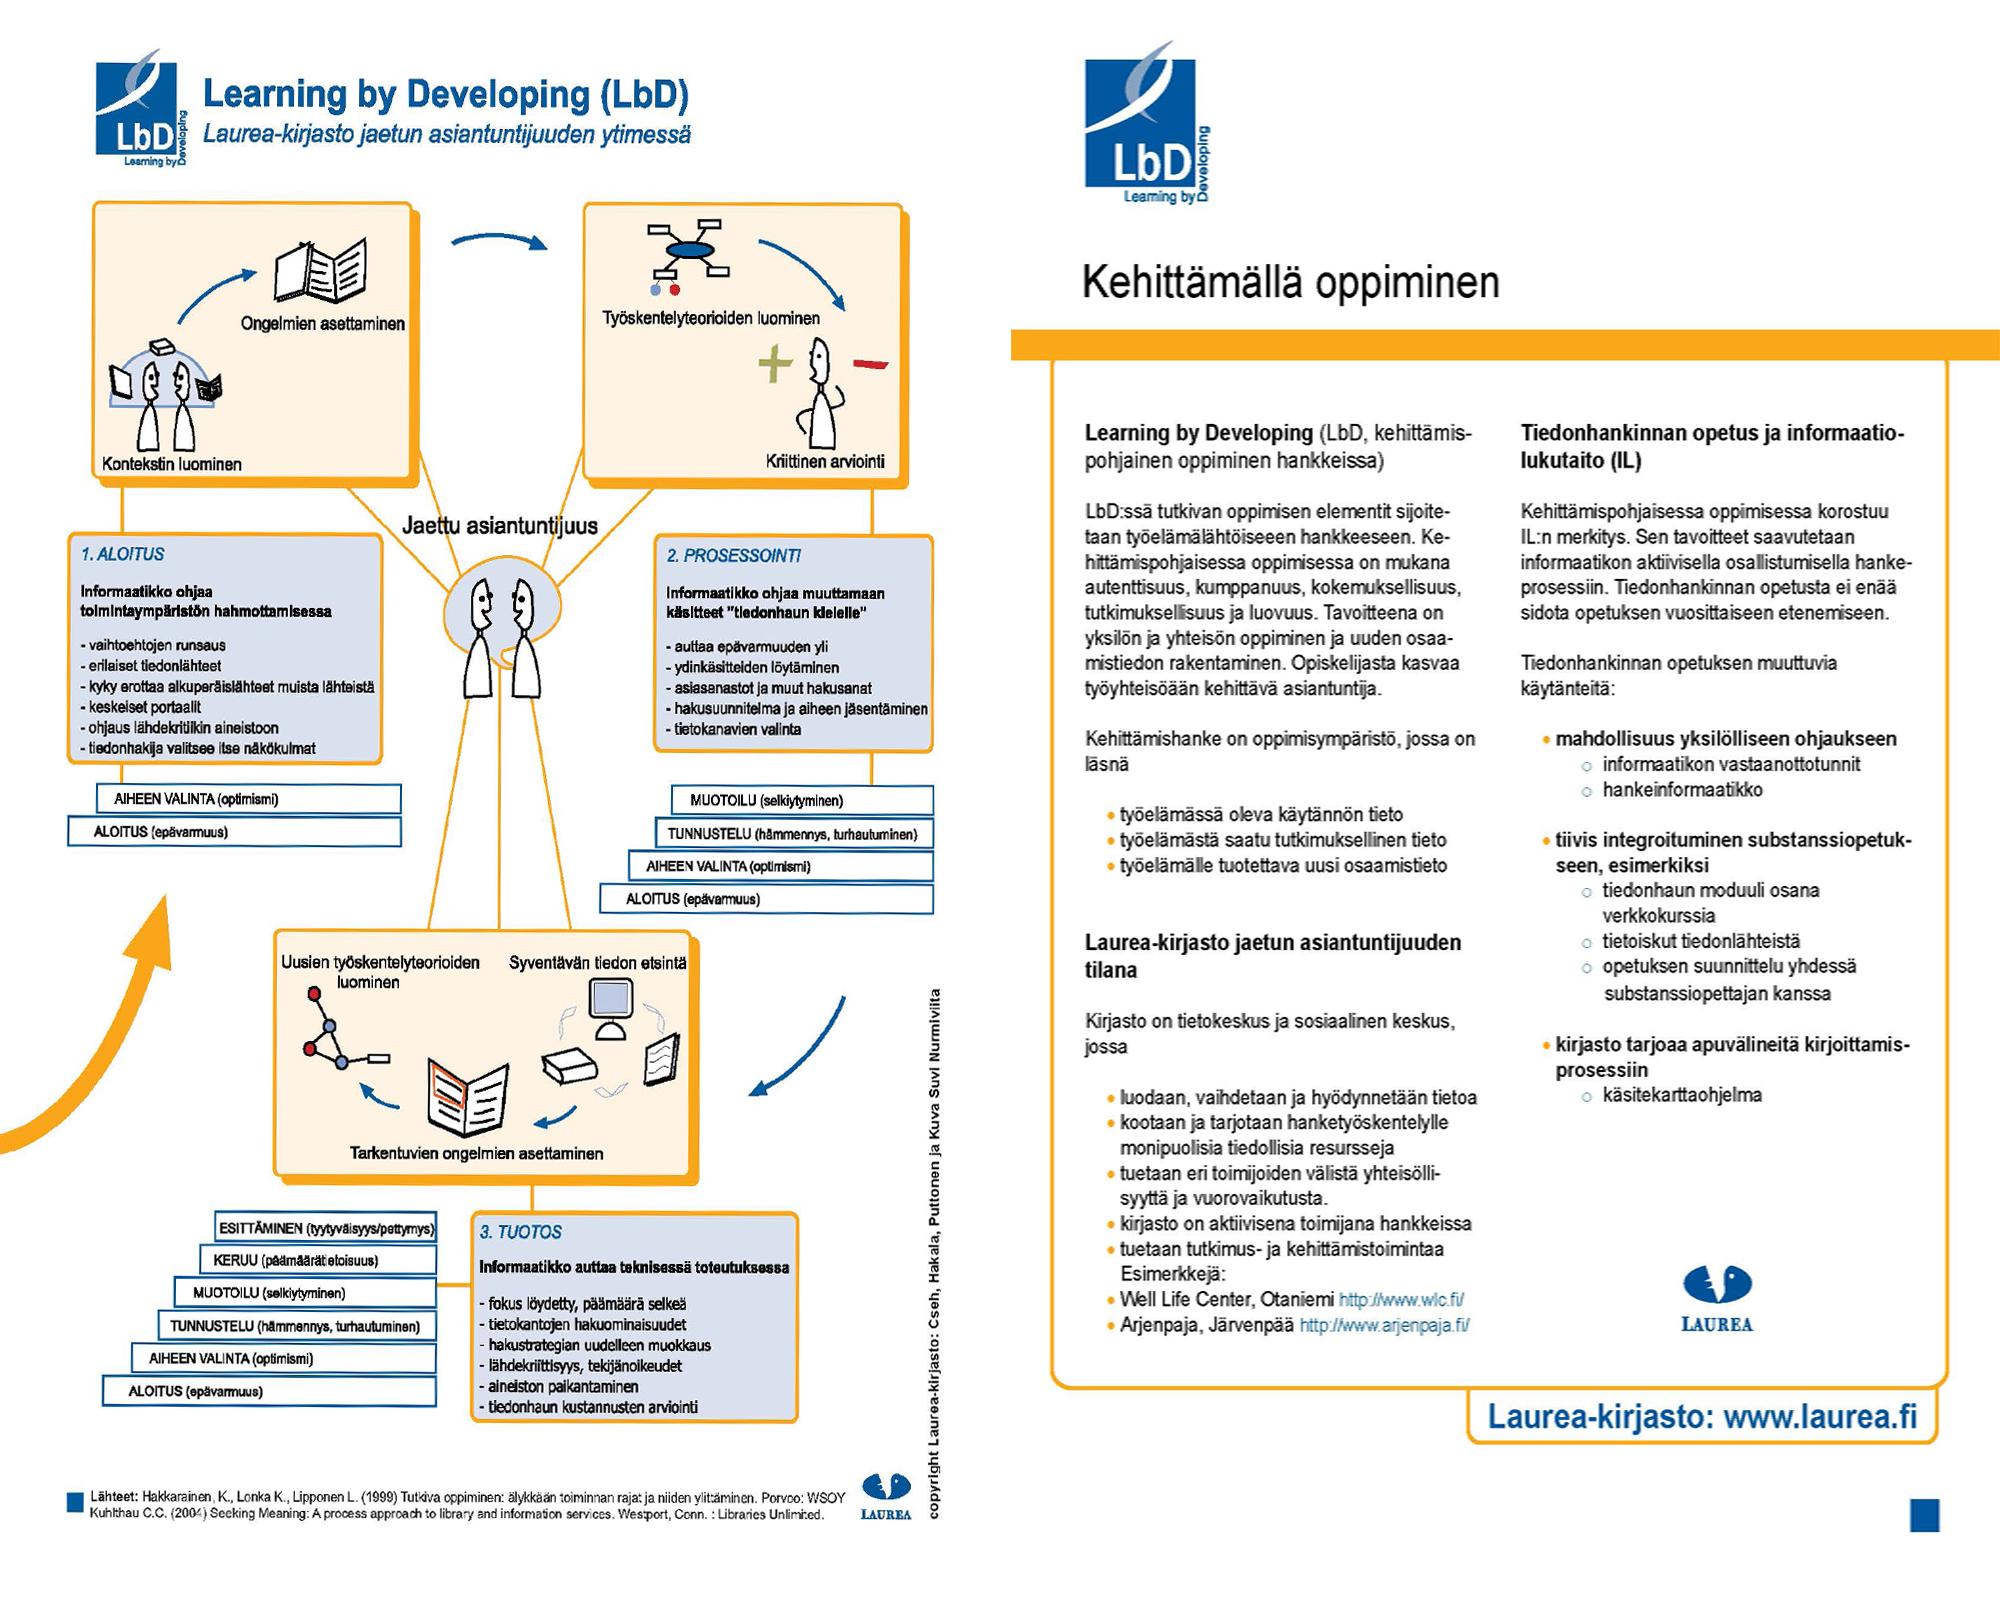 Learning by Developing (LbD) - Laurea-kirjasto jaetun asiantuntijuuden ytimessä